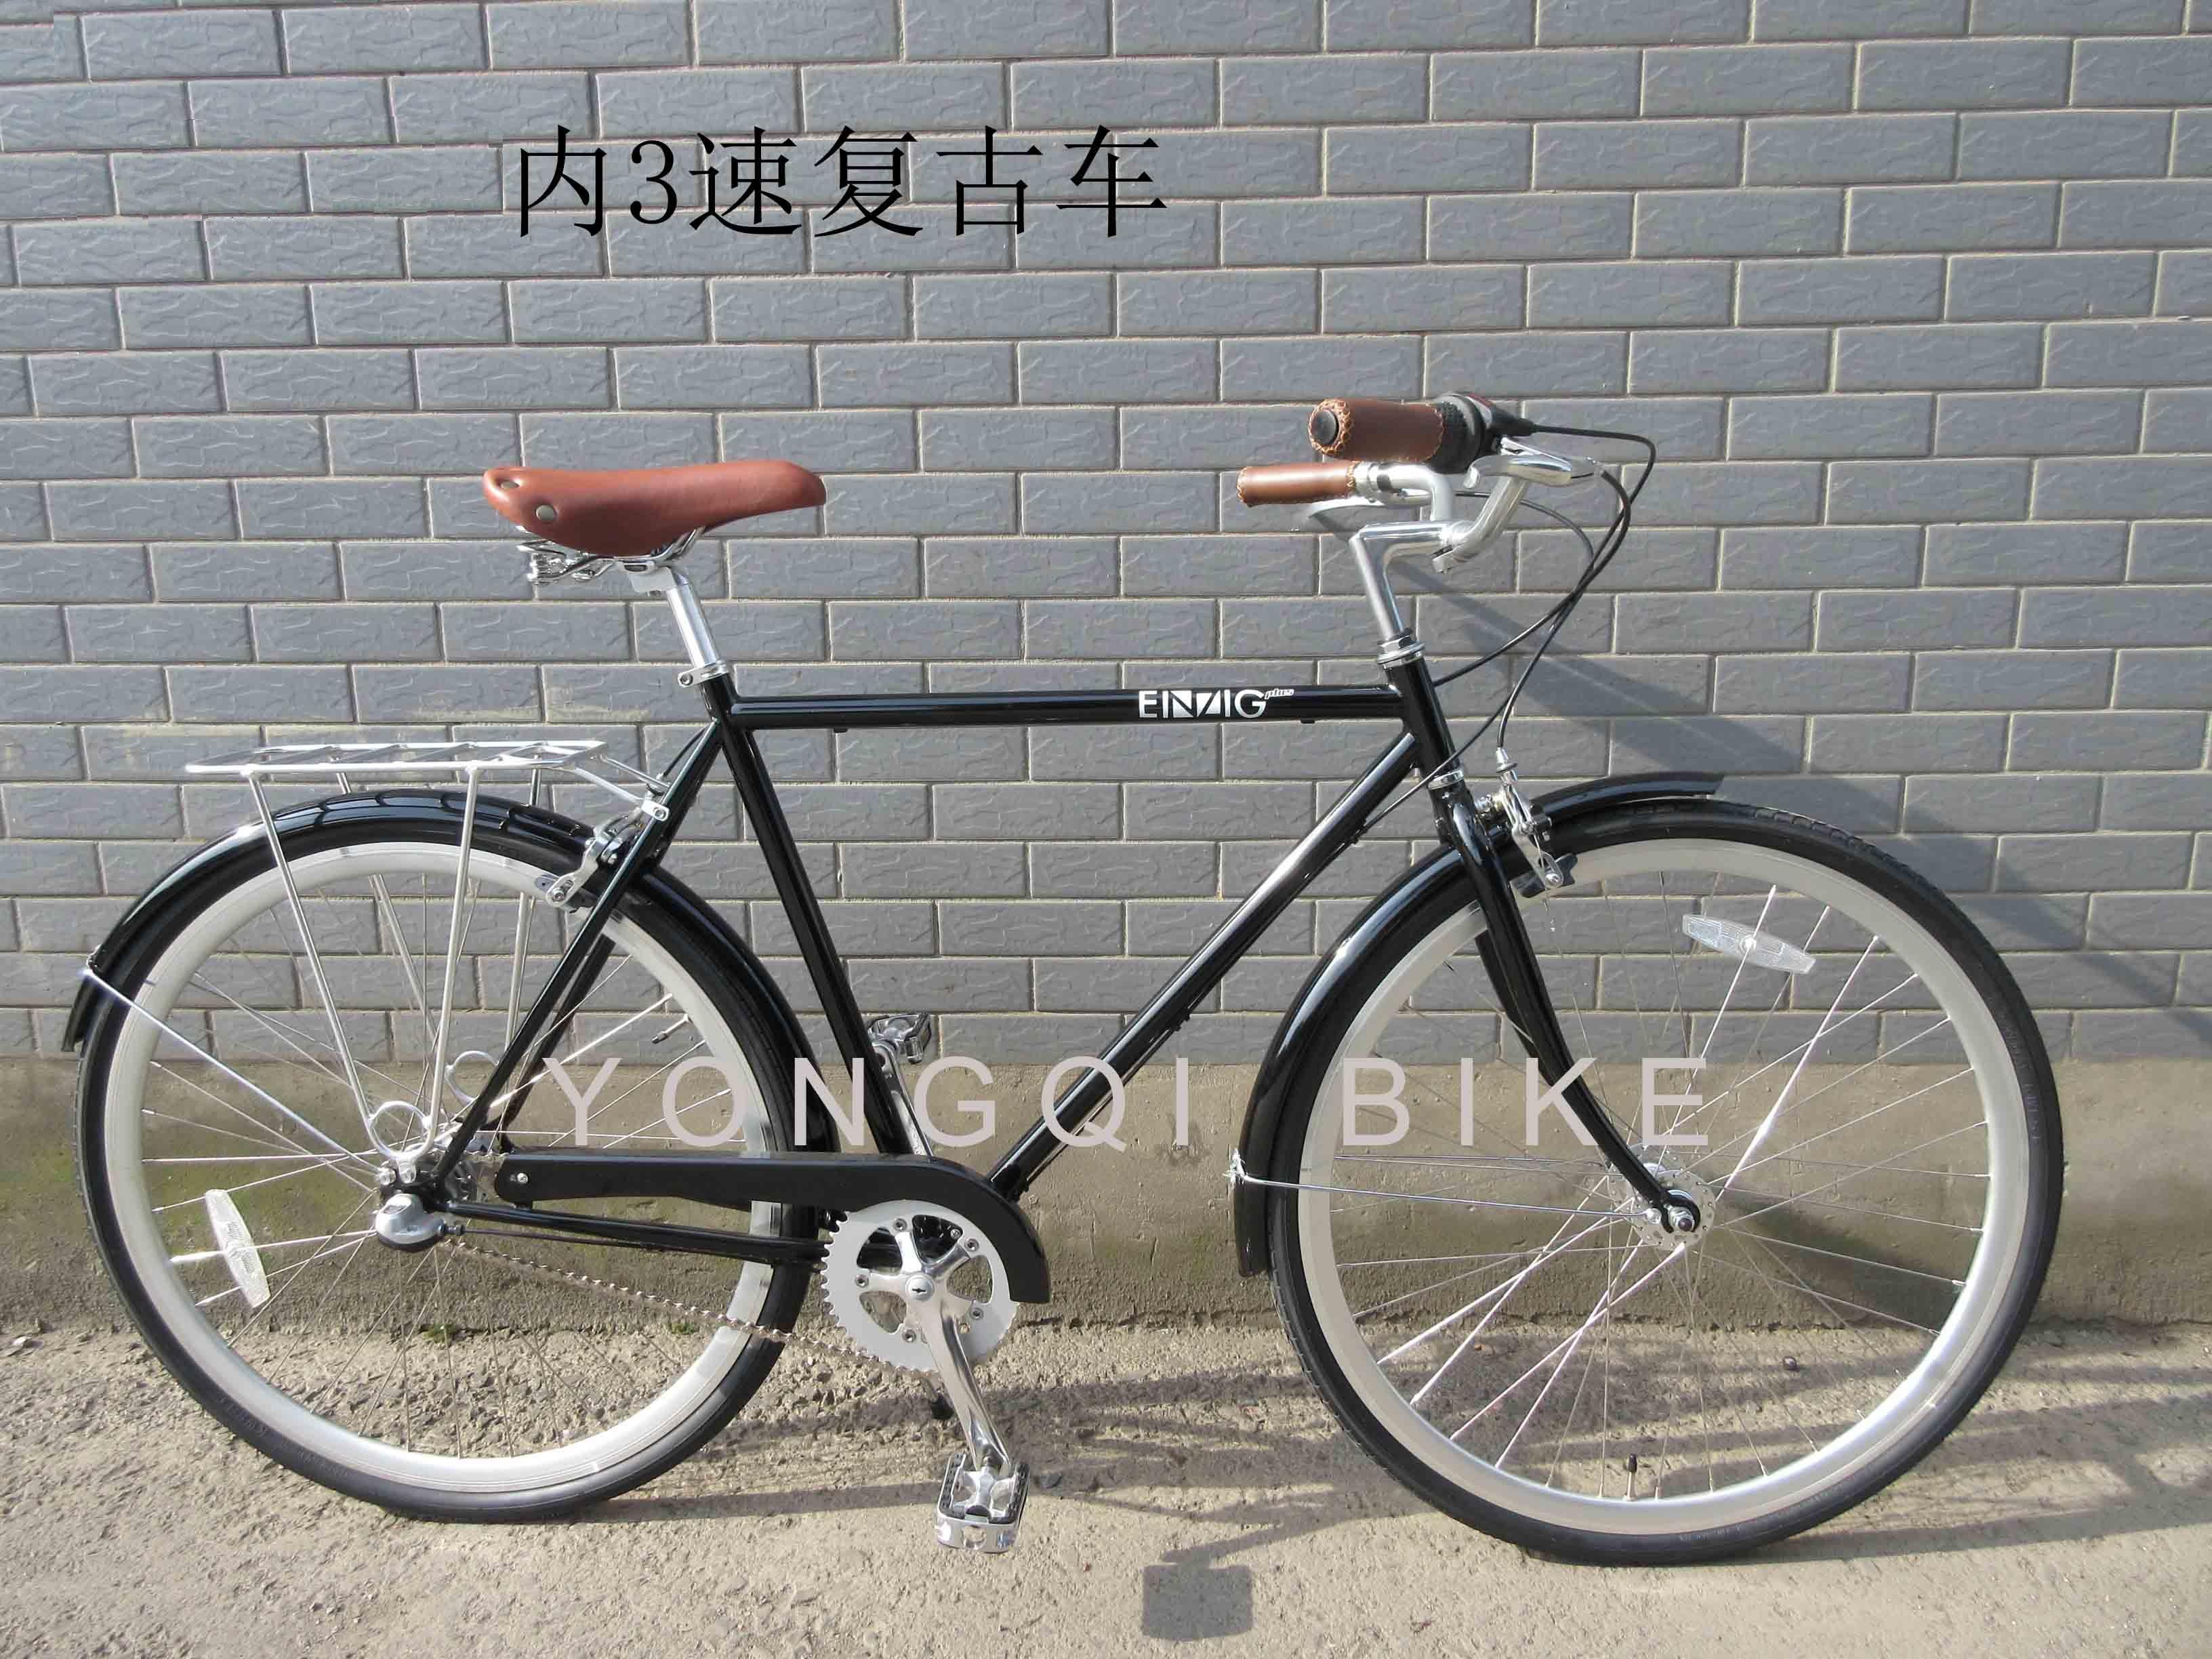 券后1258.00元700C复古通勤自行车单车nexus内变速3速城市英伦风复古男车